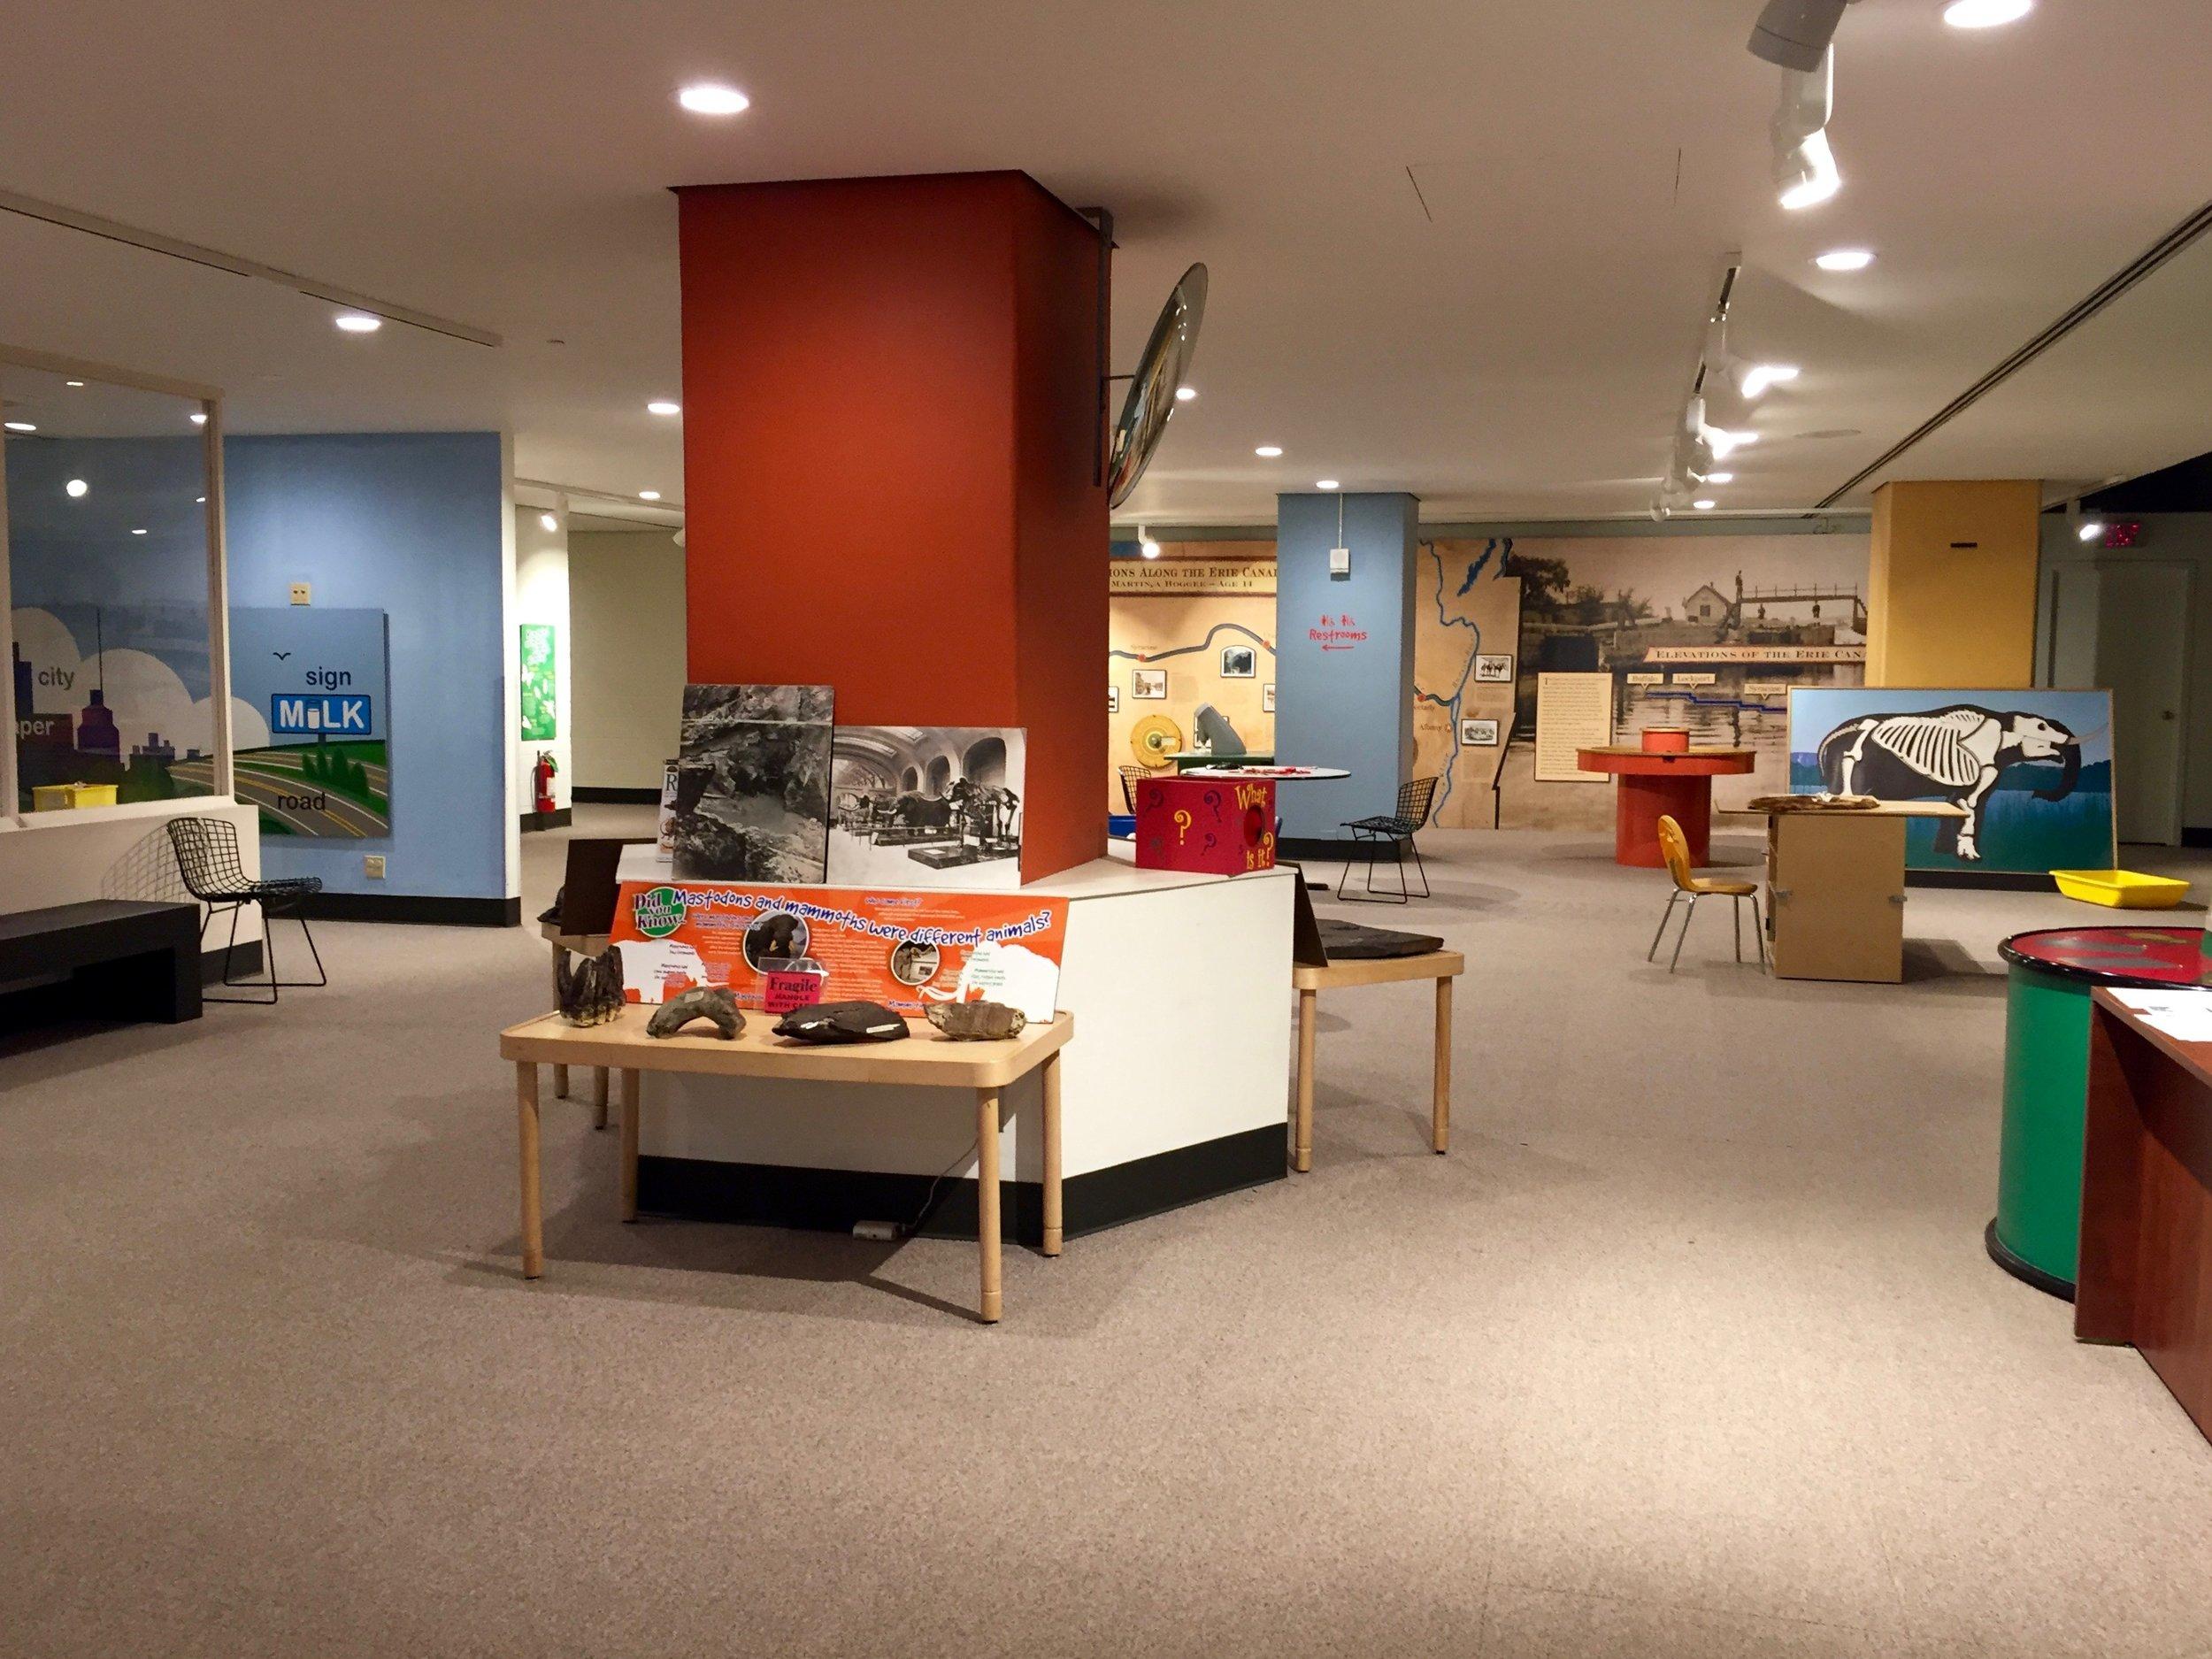 childrens museum upsate ny.jpg